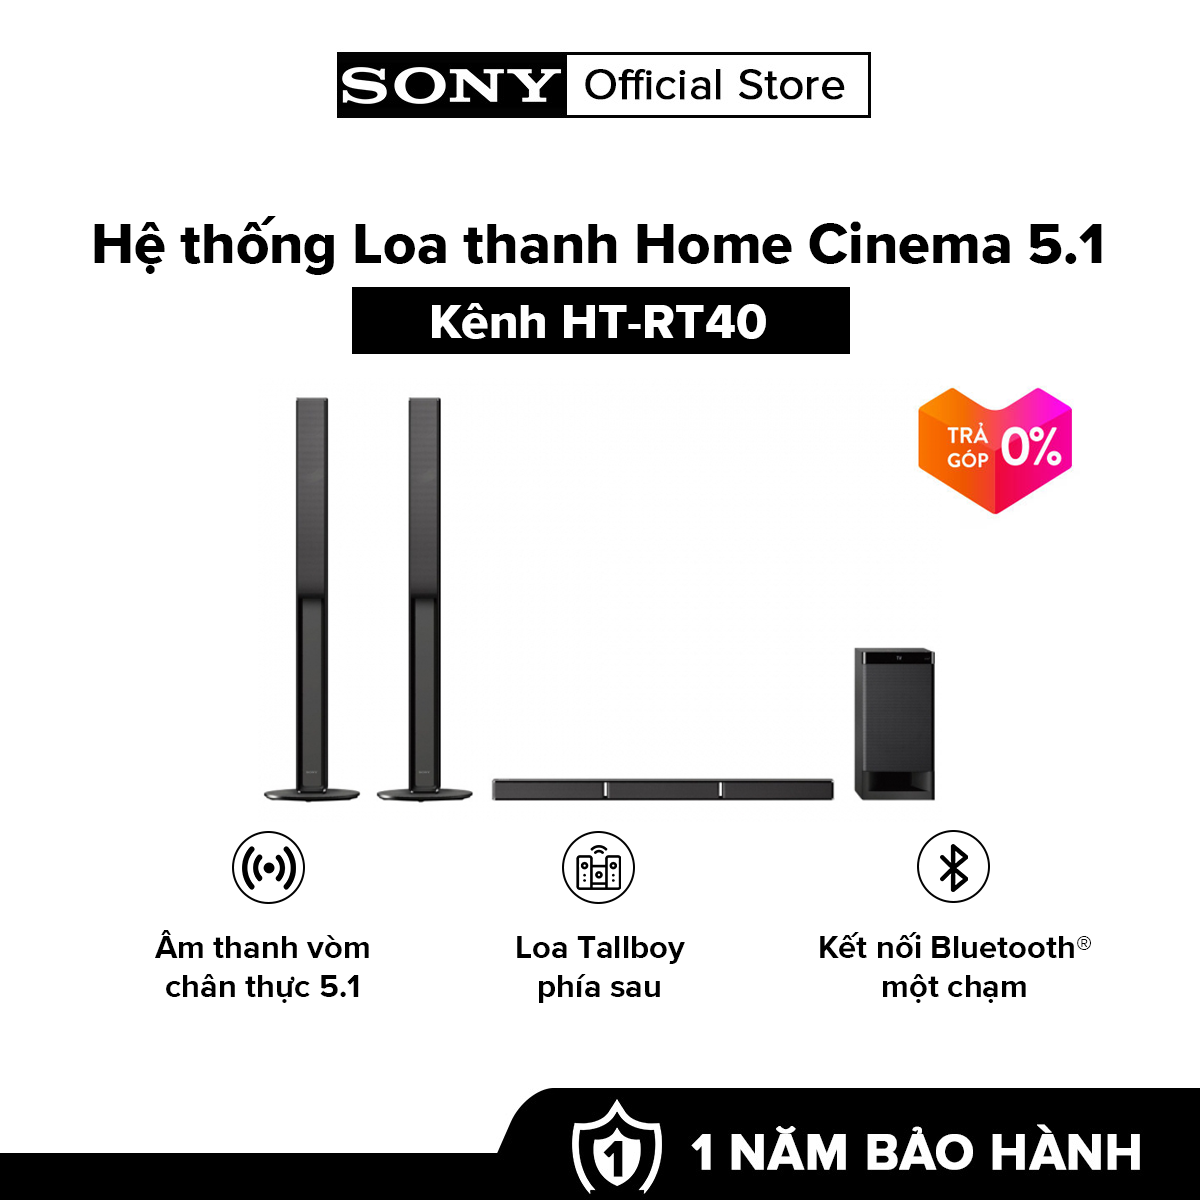 [HÀNG CHÍNH HÃNG – TRẢ GÓP 0%] Hệ thống Loa thanh Home Cinema 5.1 kênh HT-RT40 Âm thanh vòm chân thực 5.1 Khả năng kết nối Bluetooth® Phát lại âm thanh và video qua USB